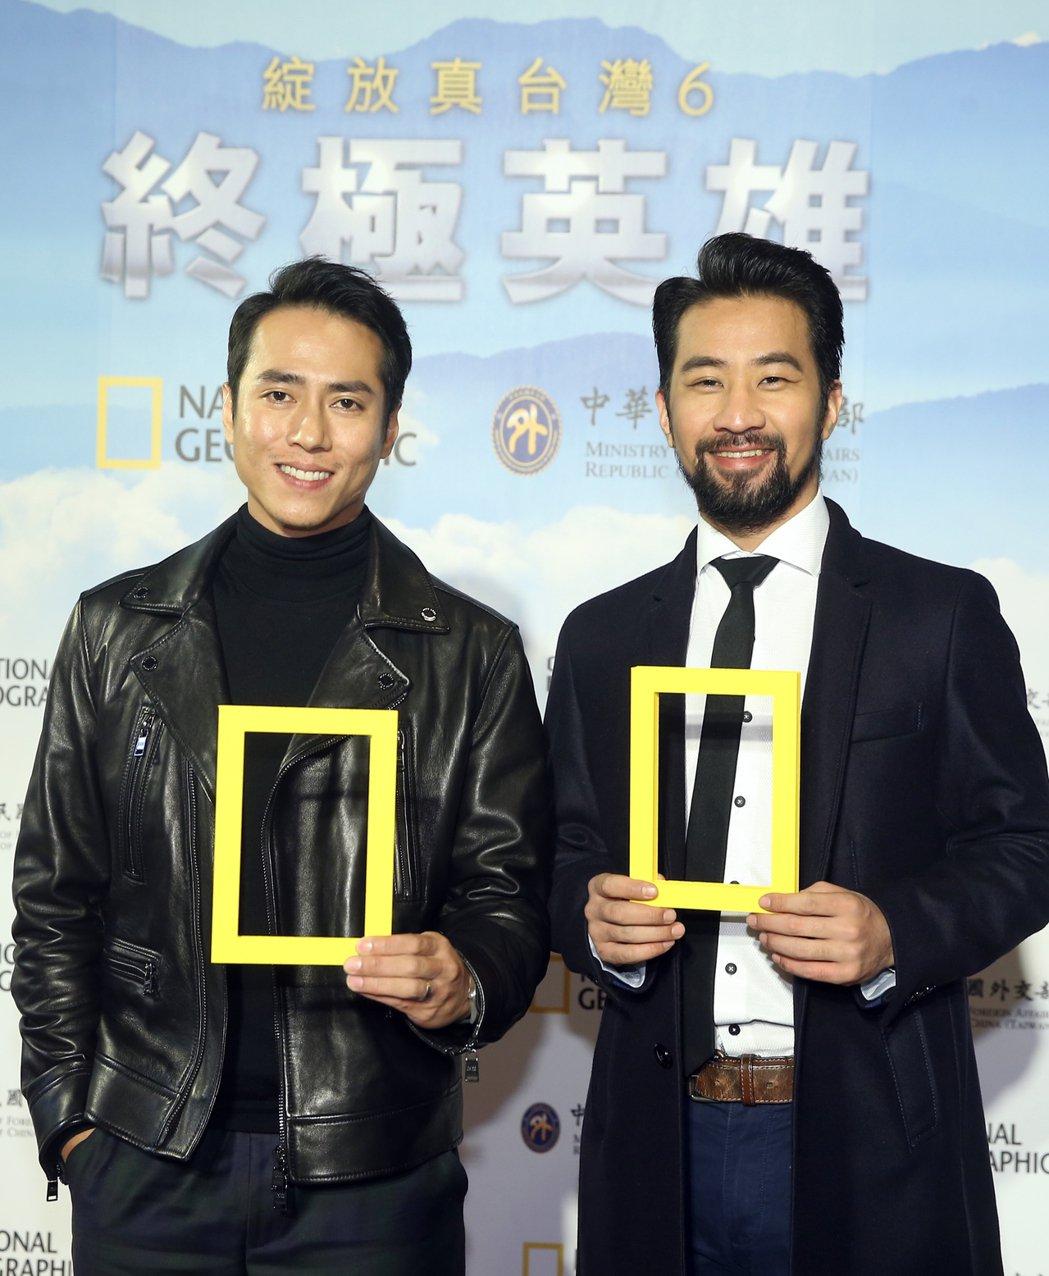 參與國家地理紀錄片《綻放真台灣:終極英雄》配音的藝人莊凱勛(左)、黃健瑋(右),...